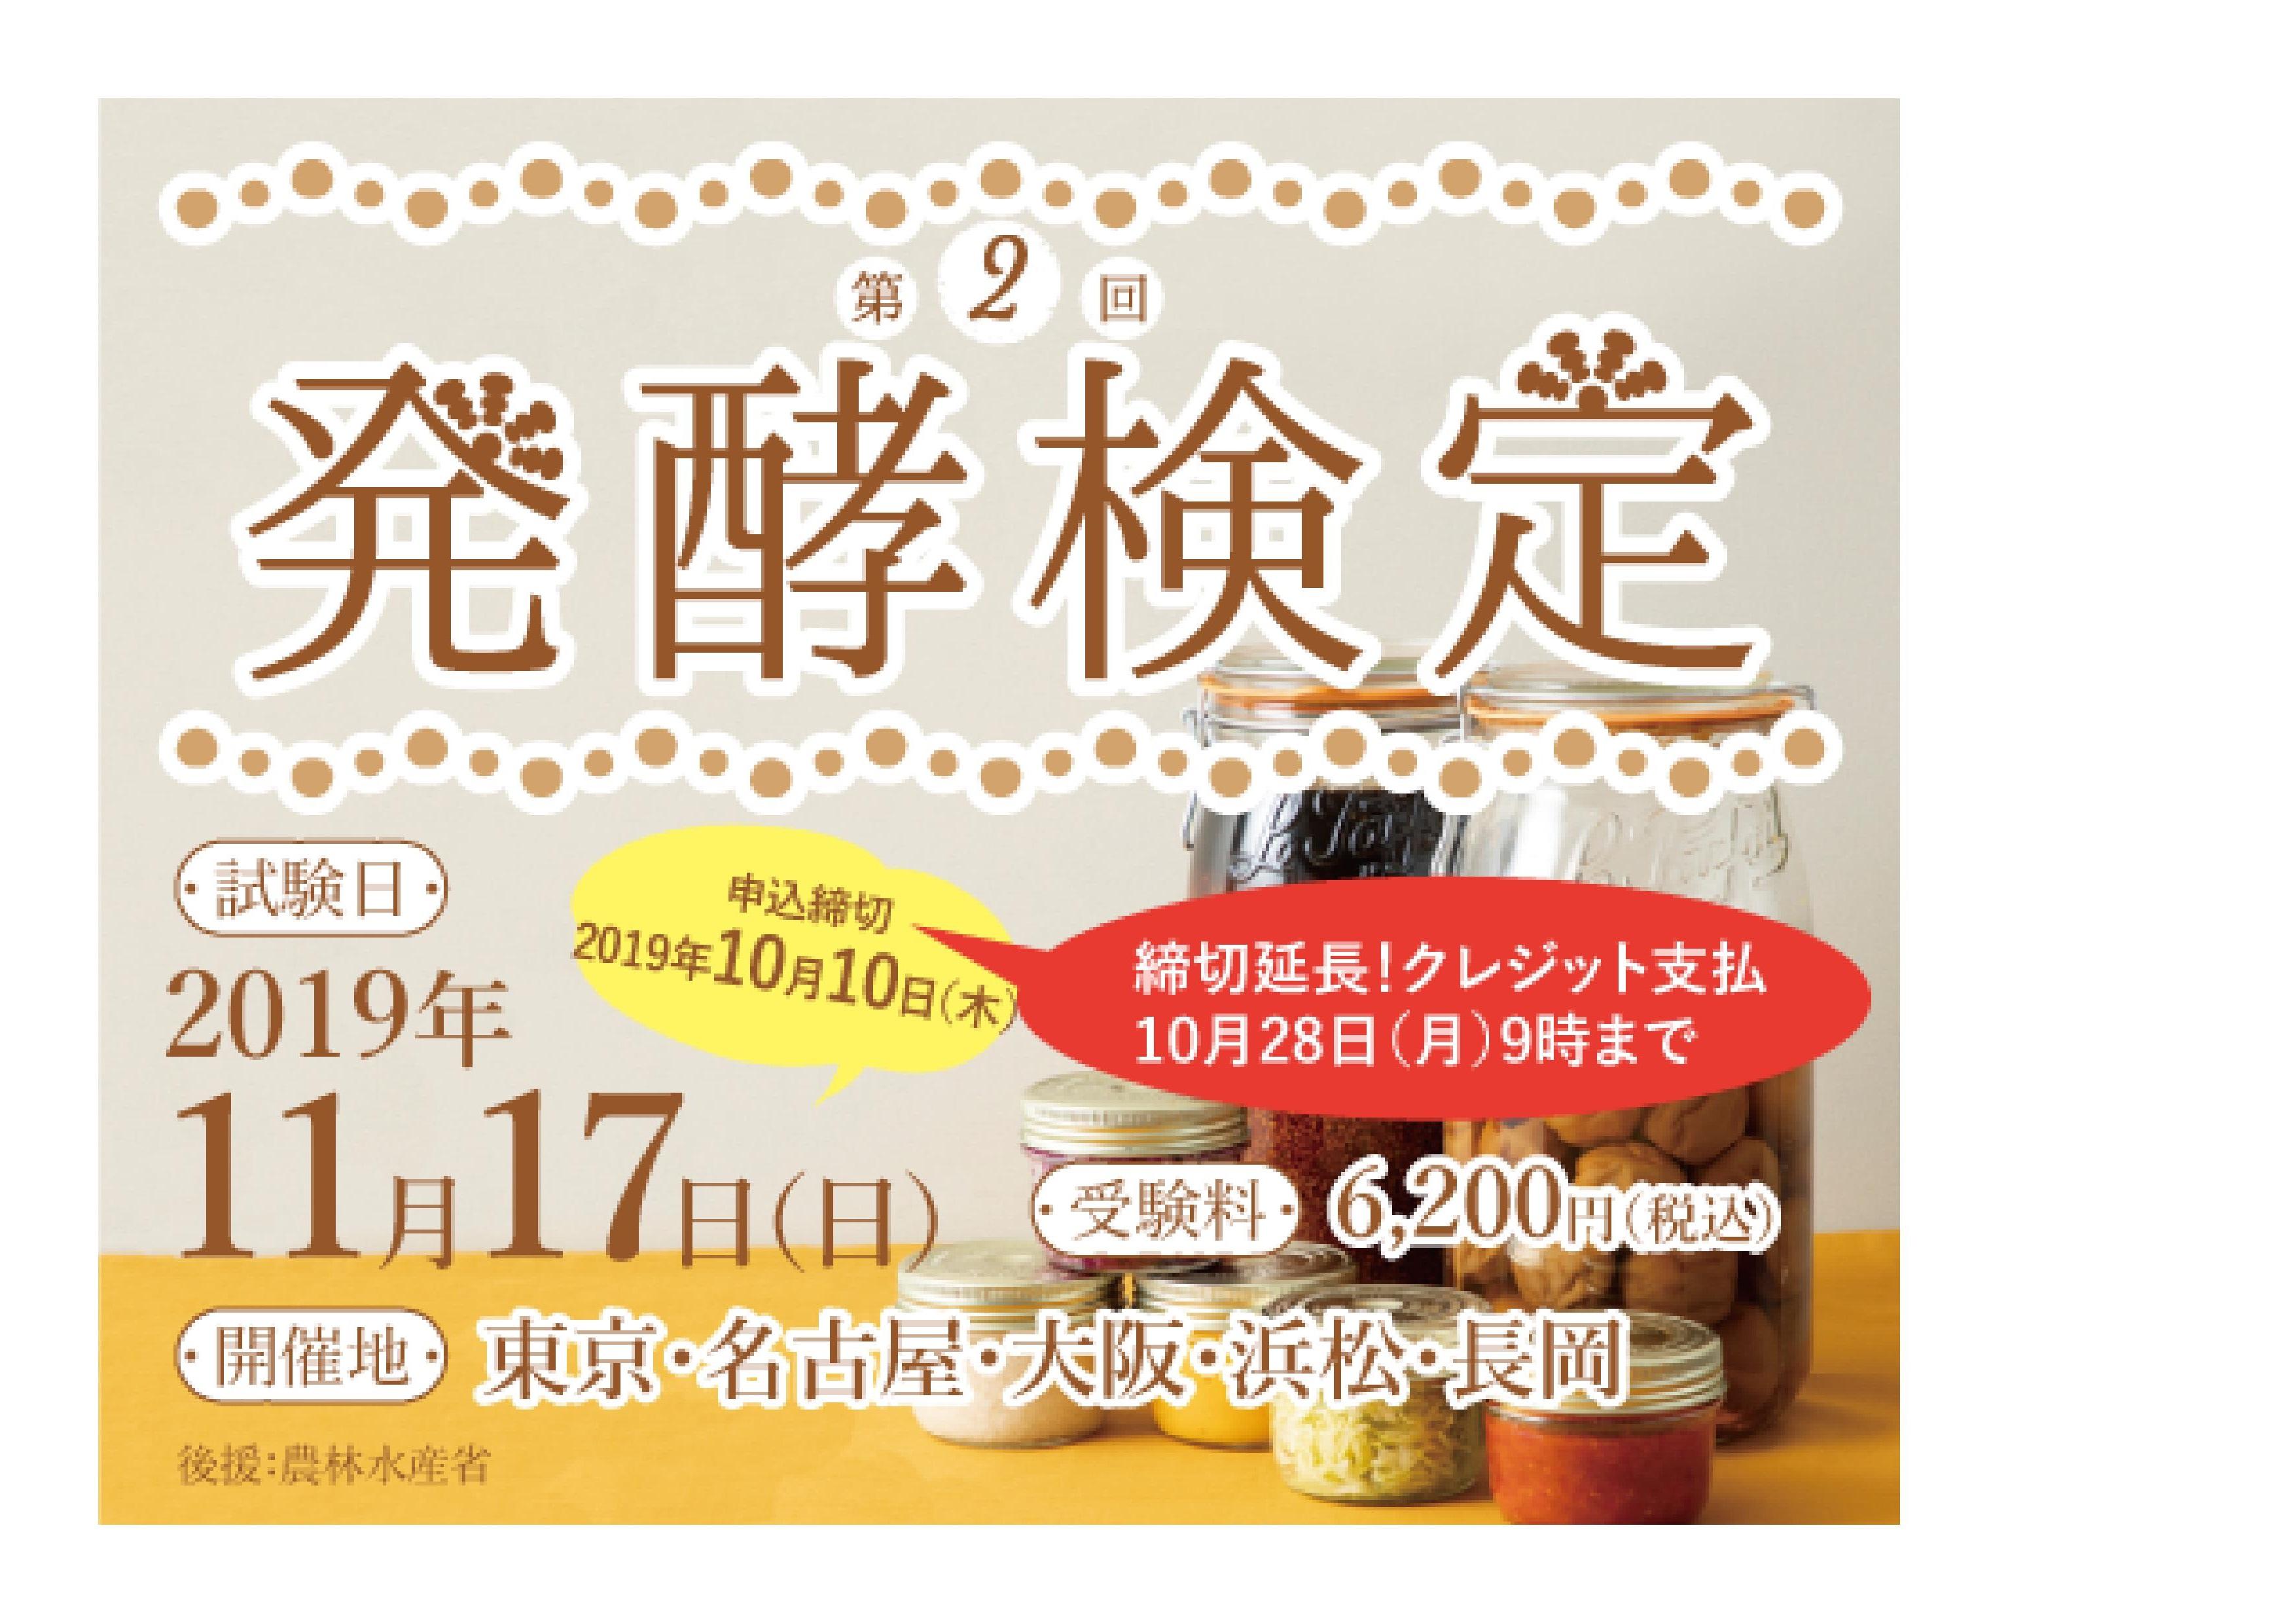 【特別セミナー】 「発酵検定」対策セミナーin名古屋 ※申し込み期限 10月21日 23:59まで